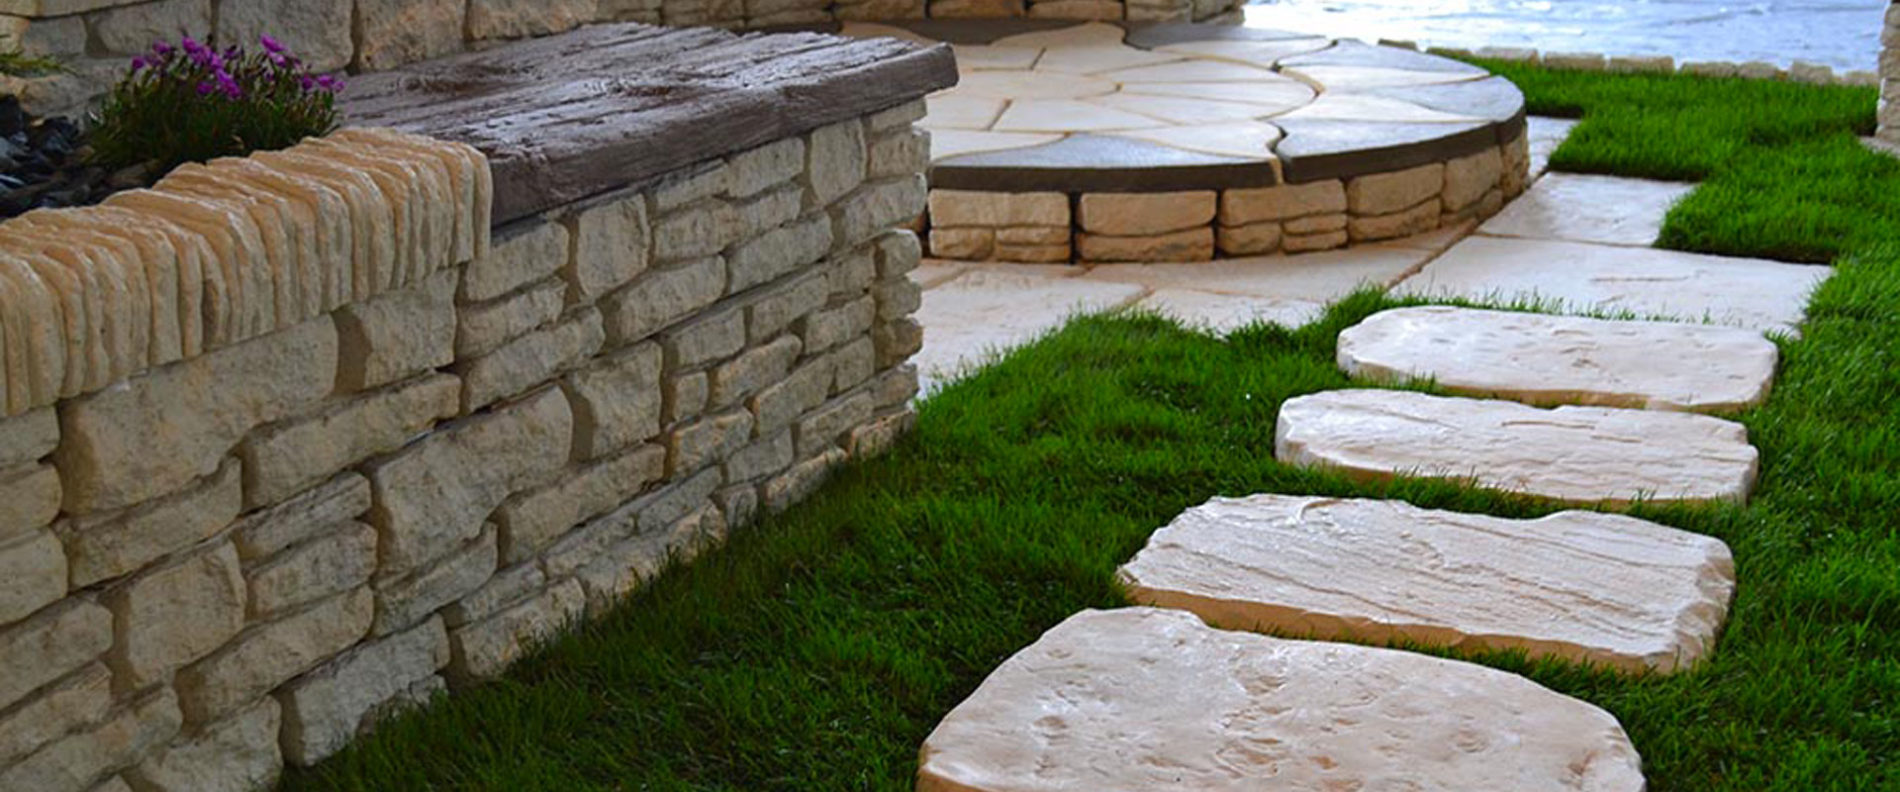 Progettazione e consulenza terrazzi e giardini